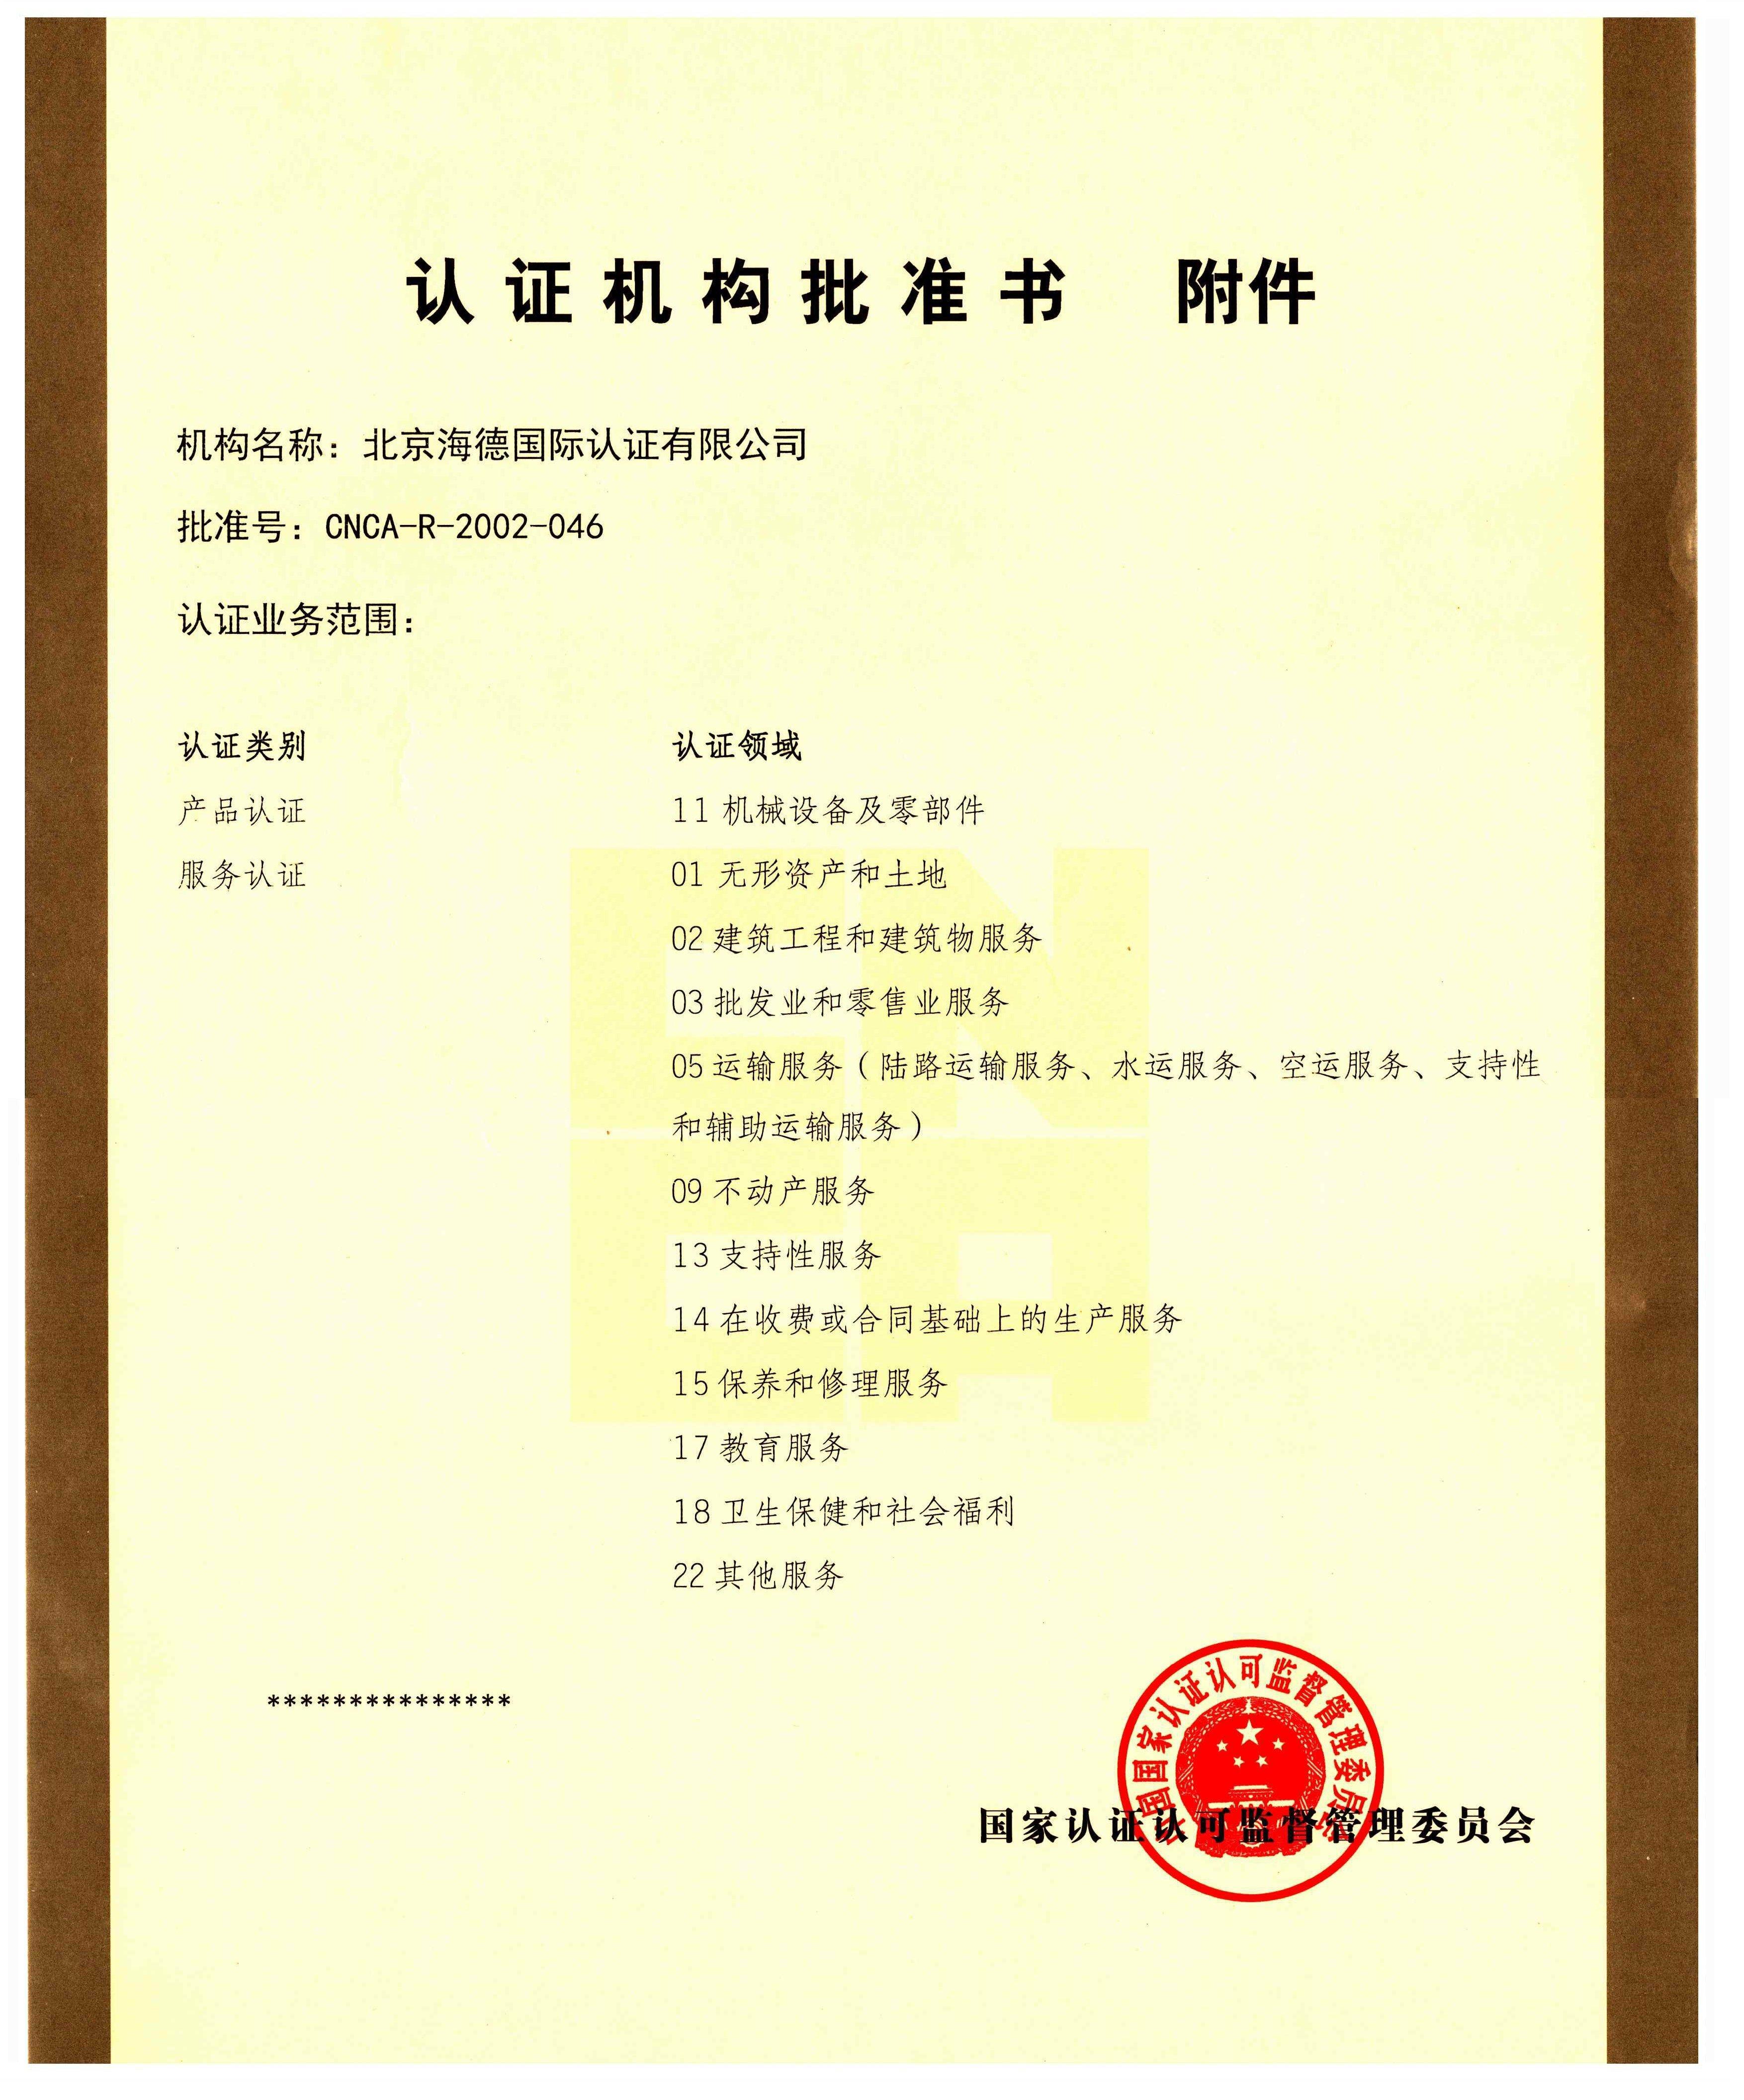 北京海德国际投资有限公司批准书附件